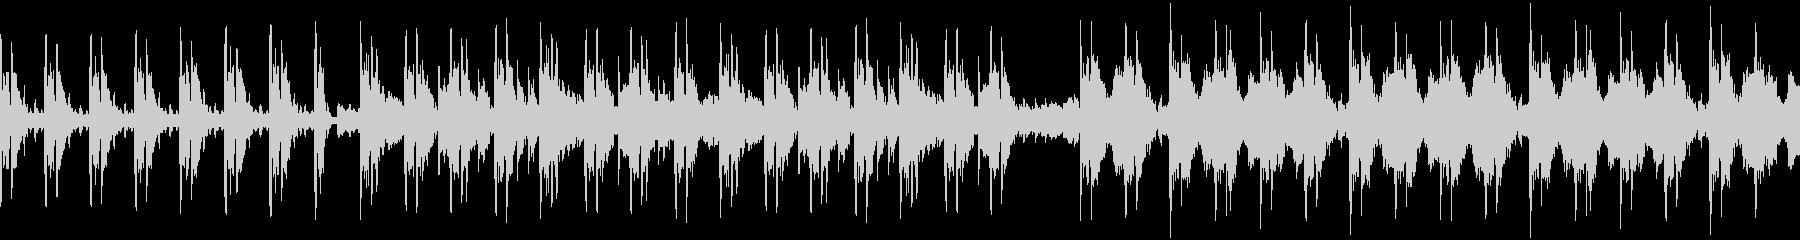 歪んだオルゴールで奏でるホラーBGMの未再生の波形